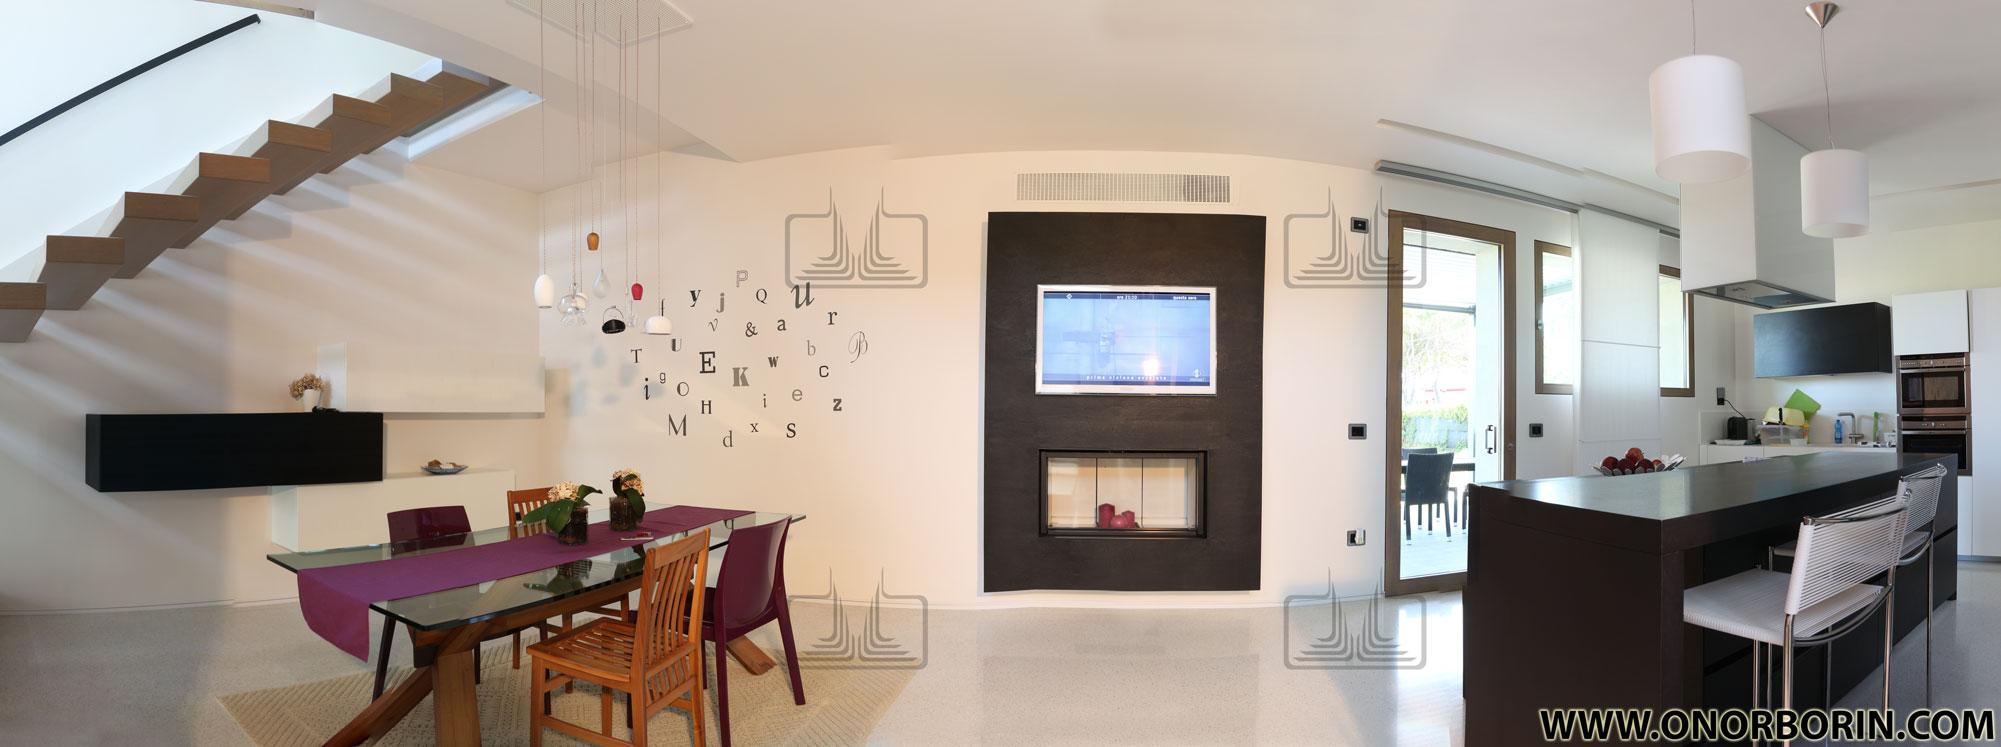 Caminetto Moderno Archivi - Onor&Borin